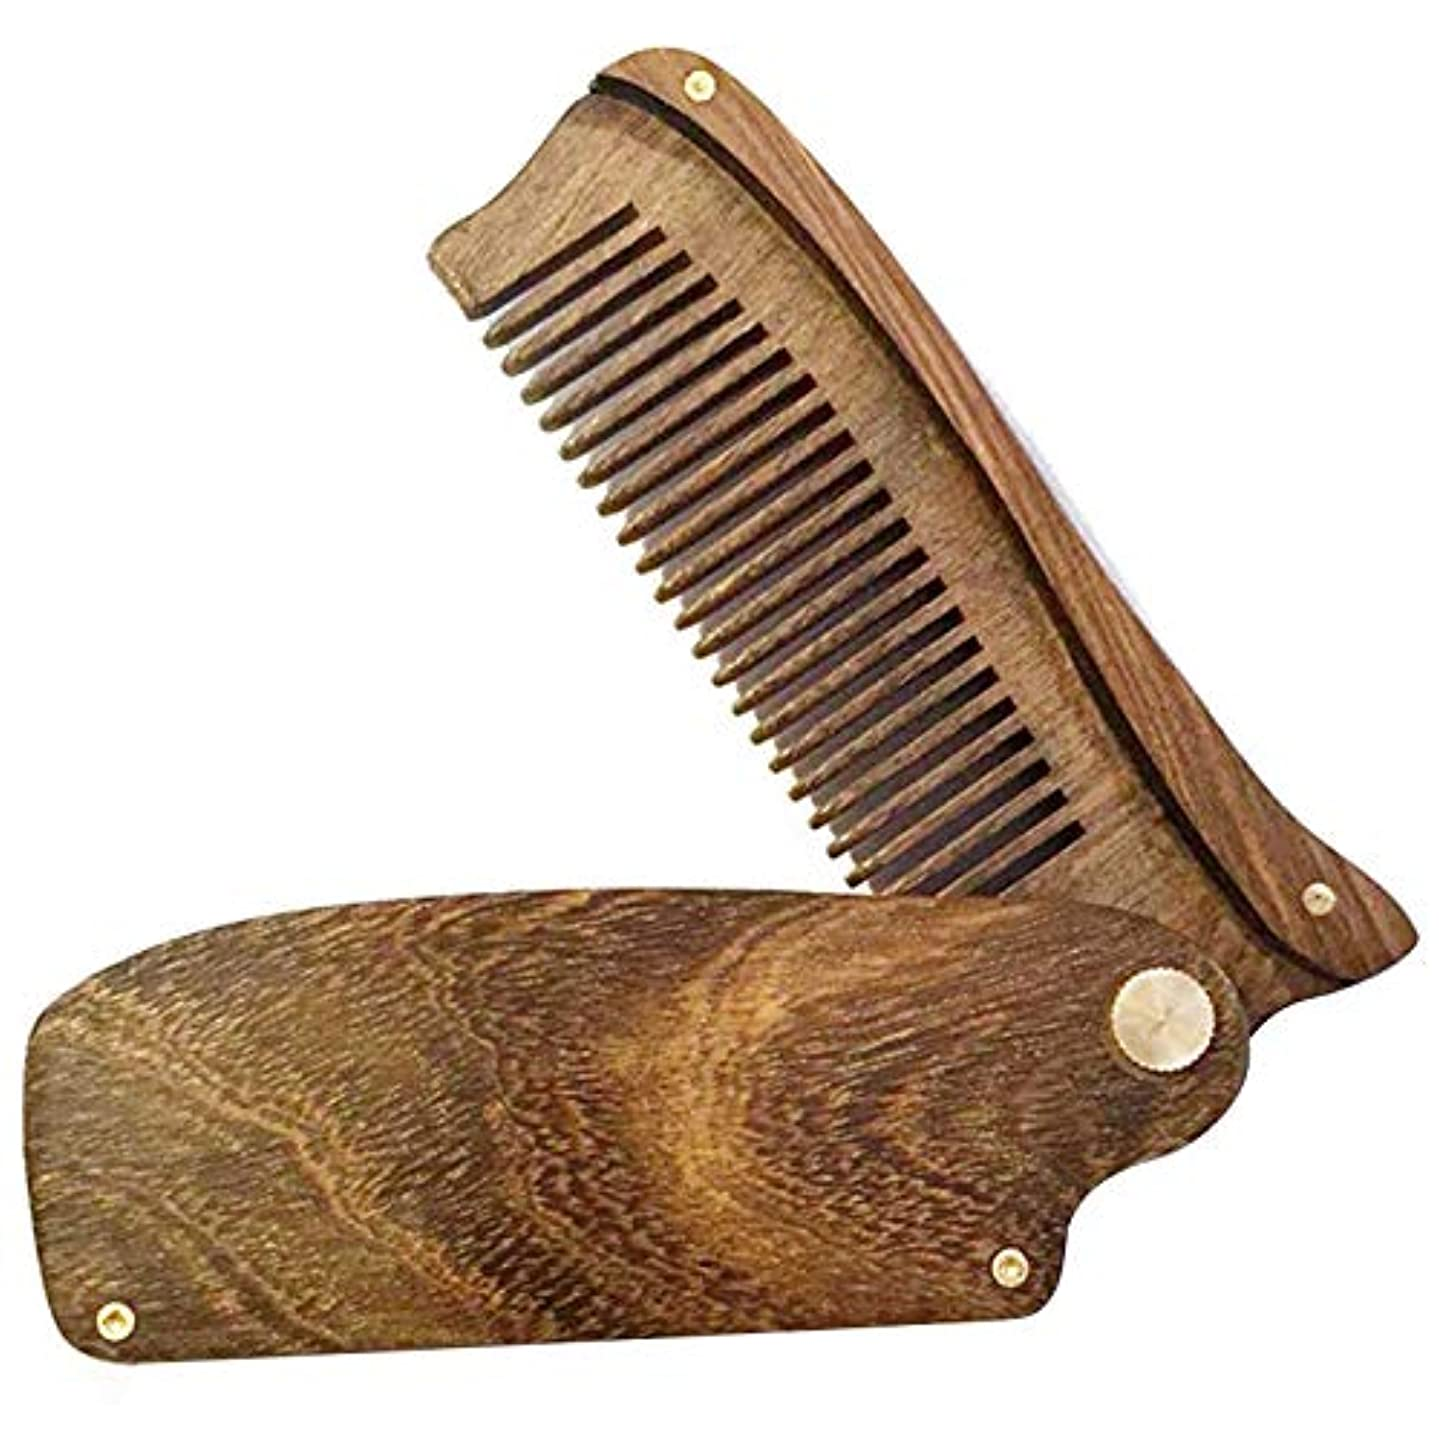 安西出演者設計SODIAL ブラックゴールド?サンダルウッド メンズ 折りたたみコーム ポータブル木製コーム サンダルウッド ひげ形状のくし